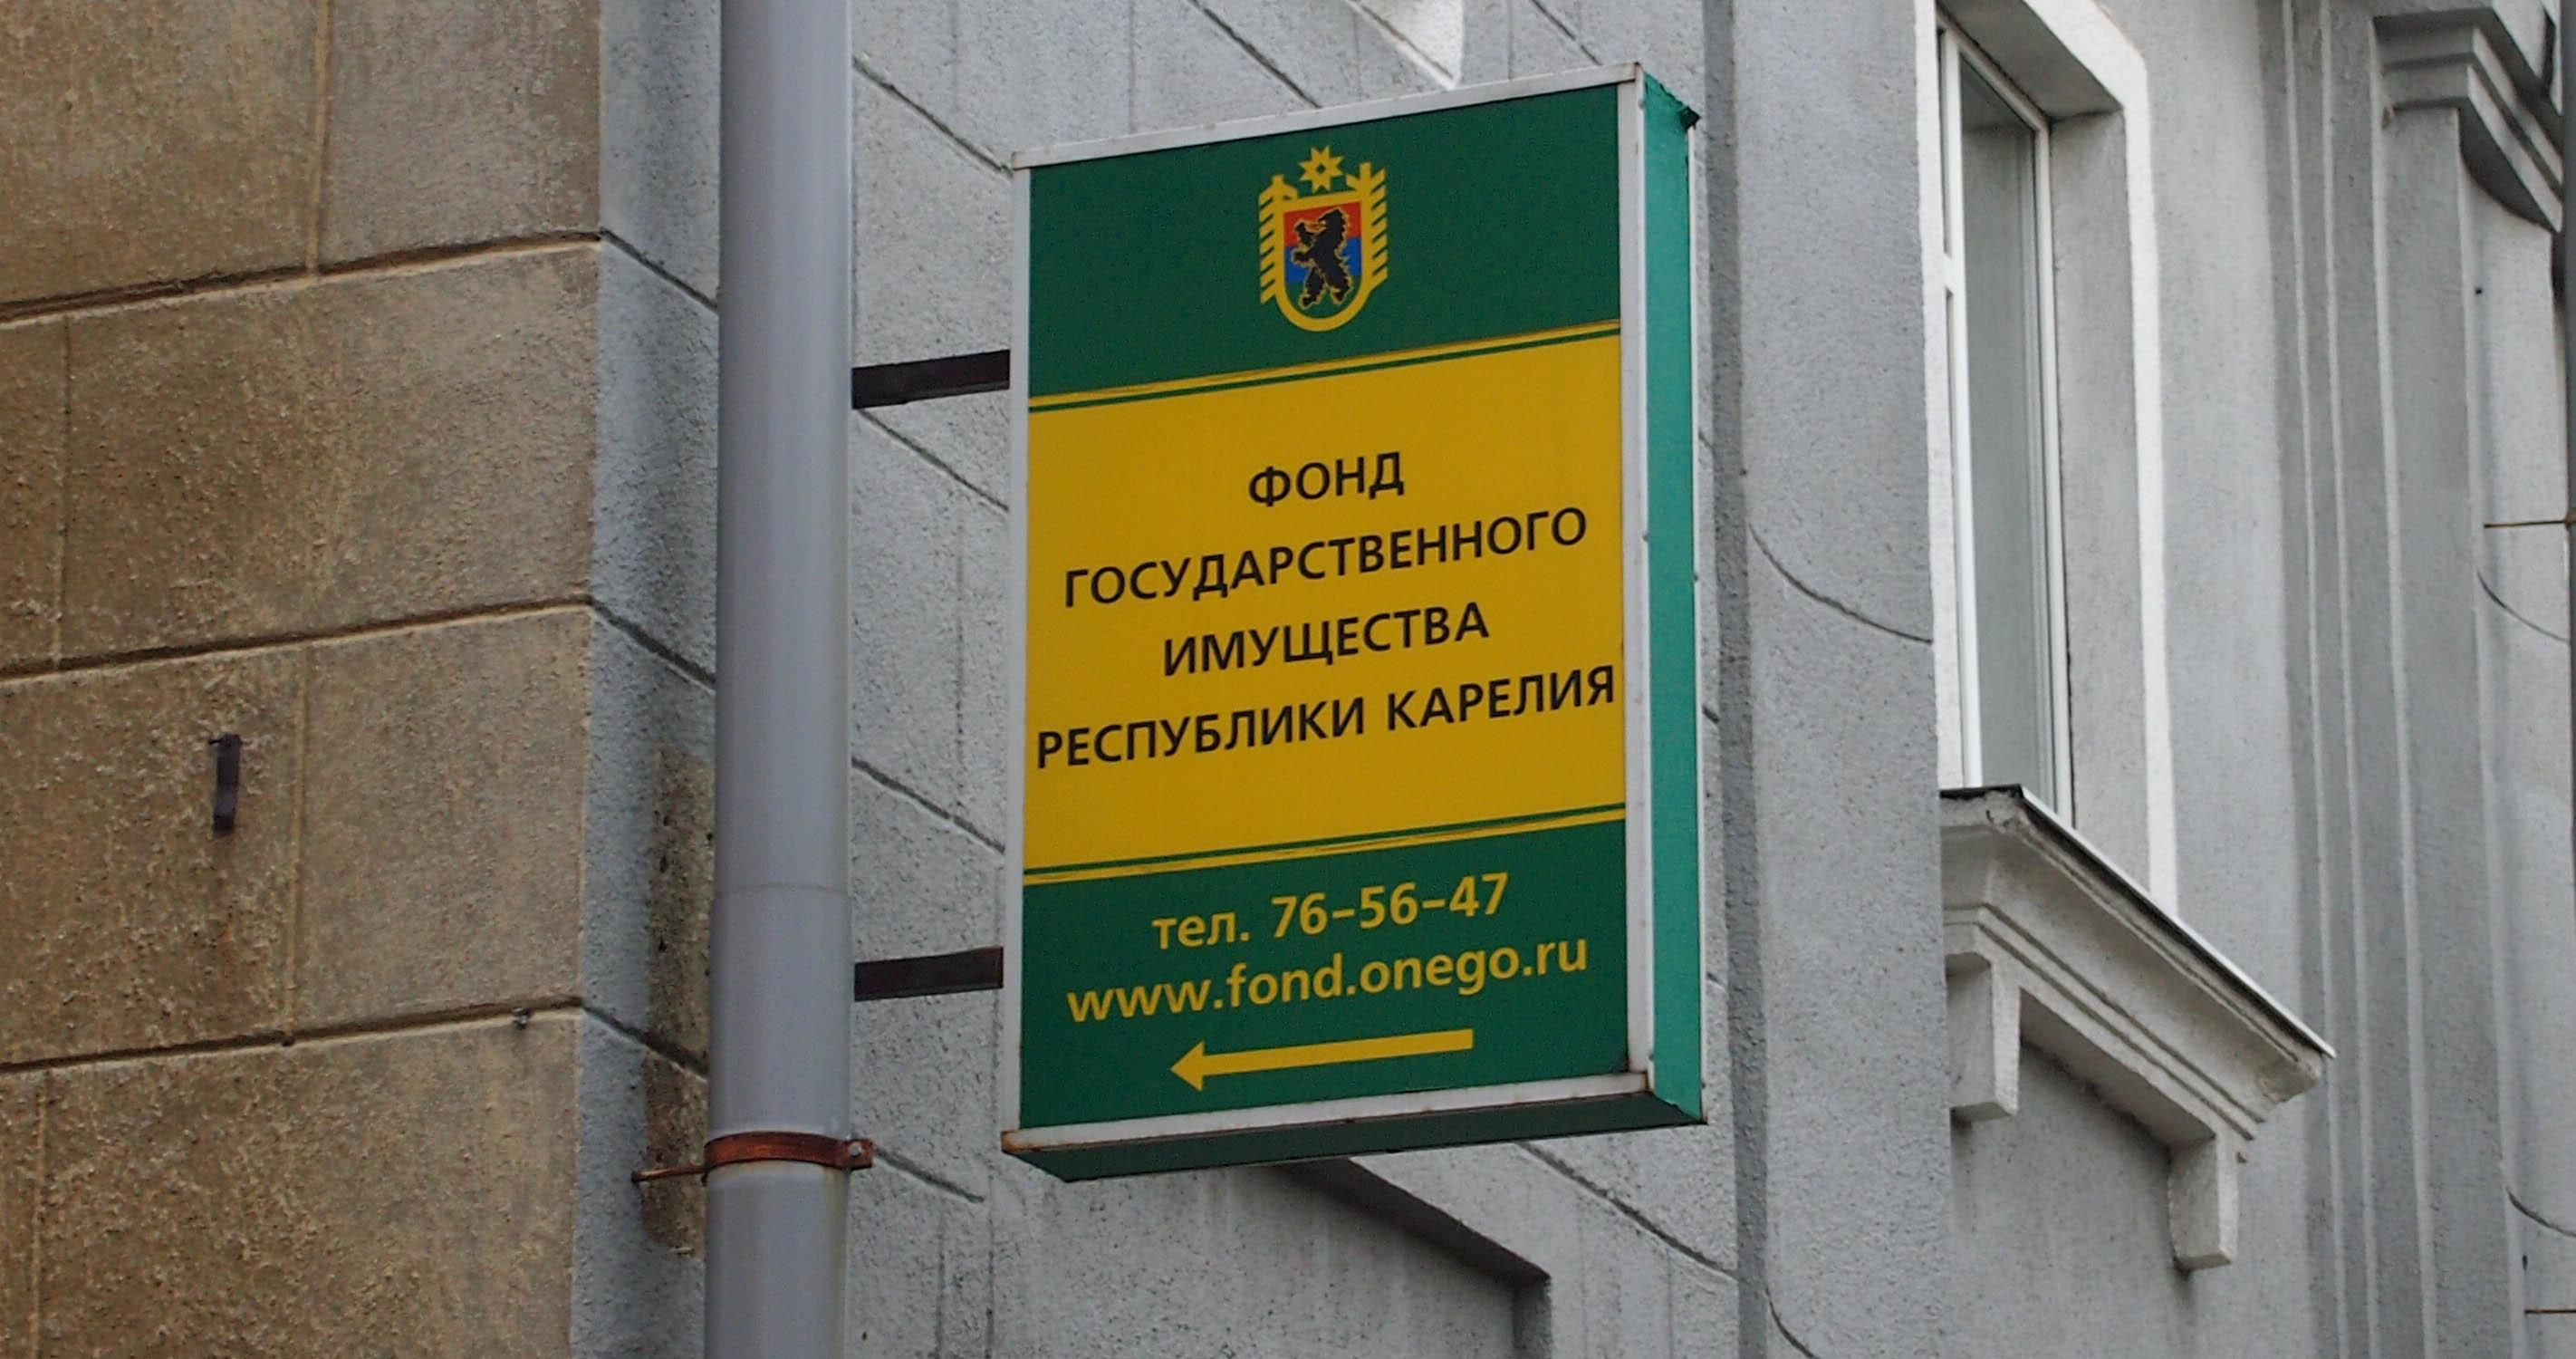 Торги проводит Фонд имущества Карелии. Фото: Валерий Поташов